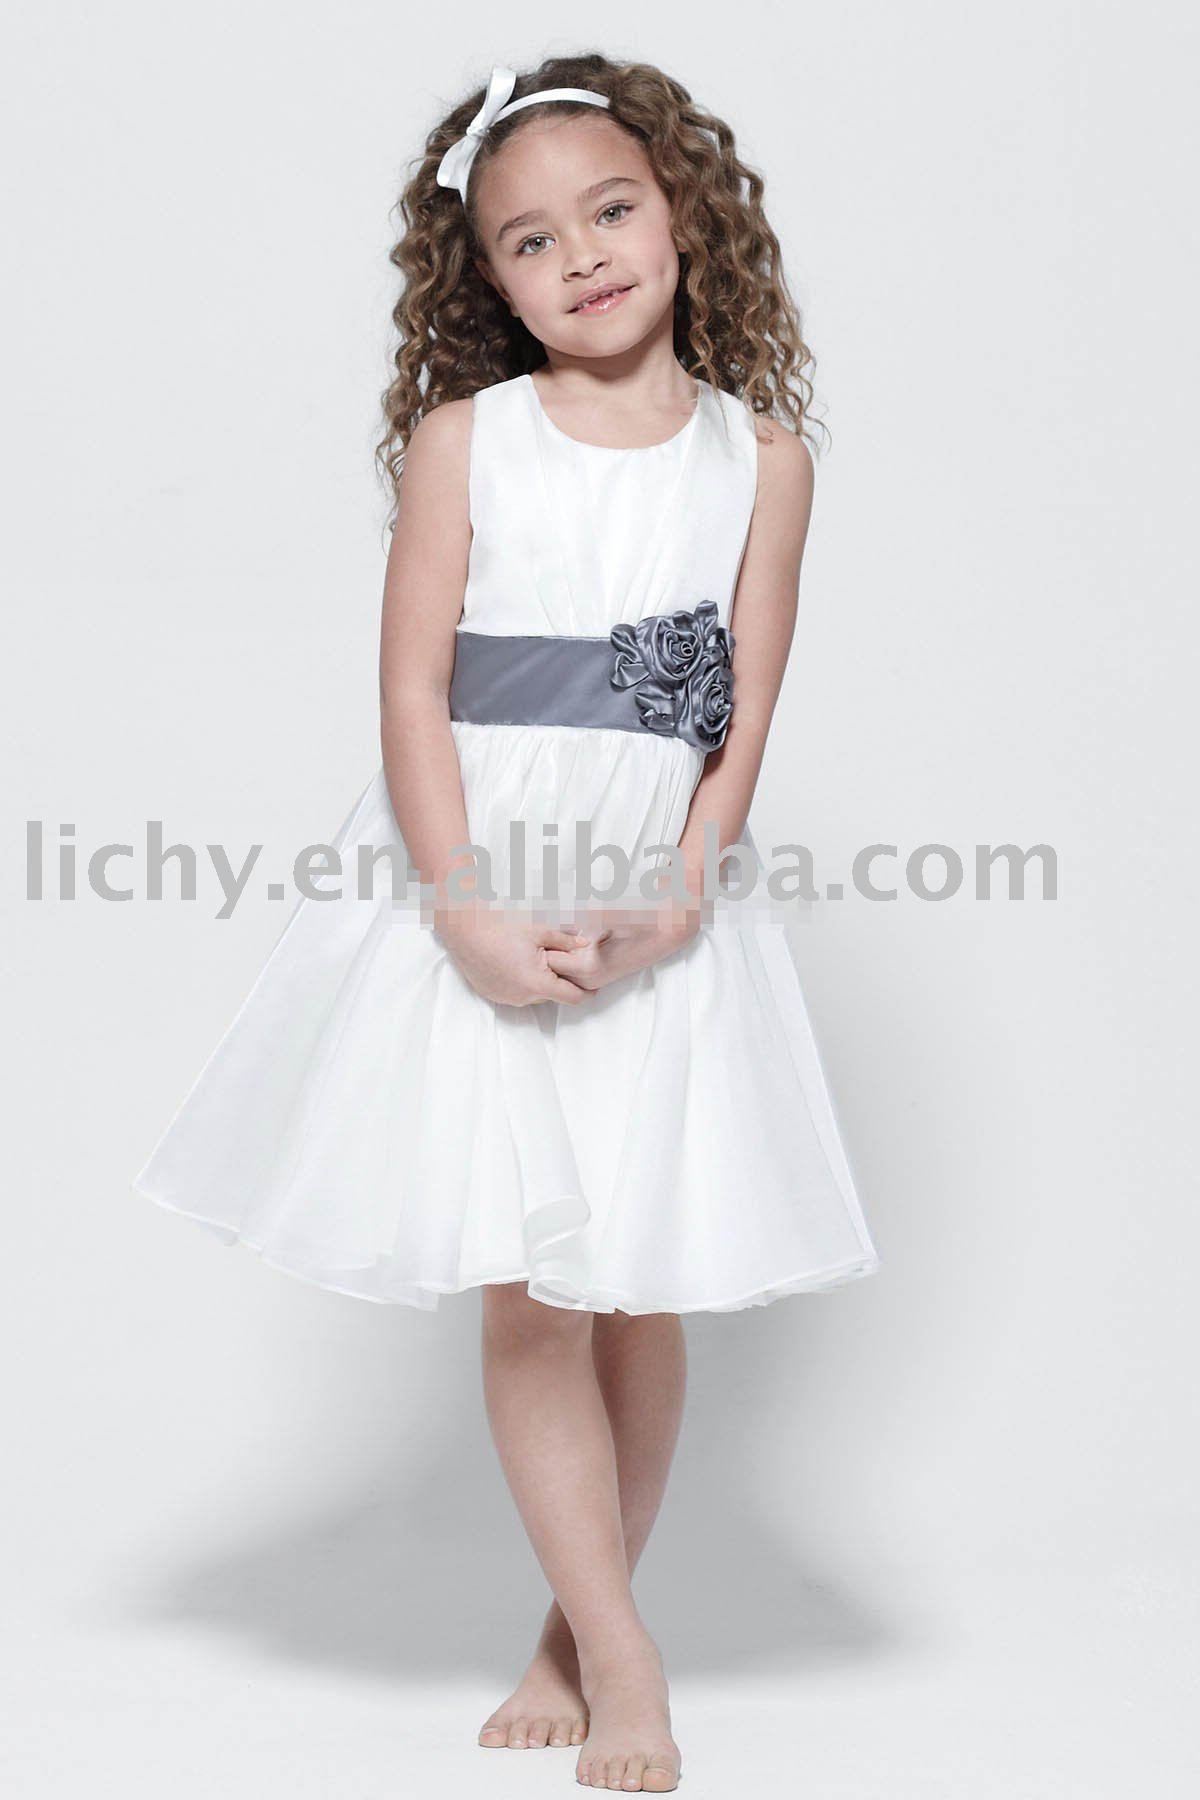 Ungewöhnlich Partykleid Für Babys Galerie - Hochzeit Kleid Stile ...